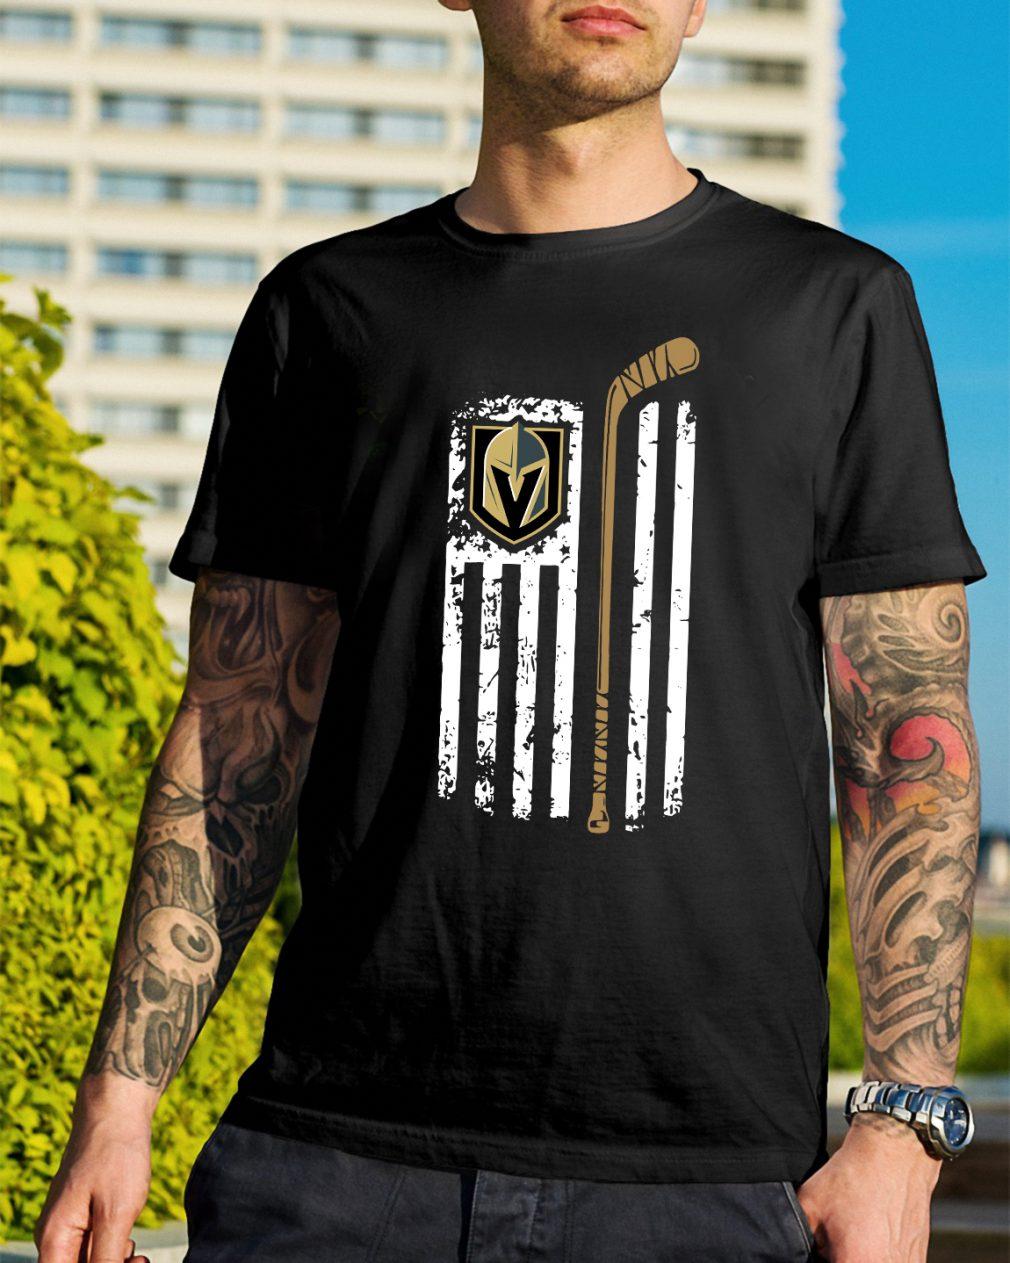 Official The flag Golden Knight shirt